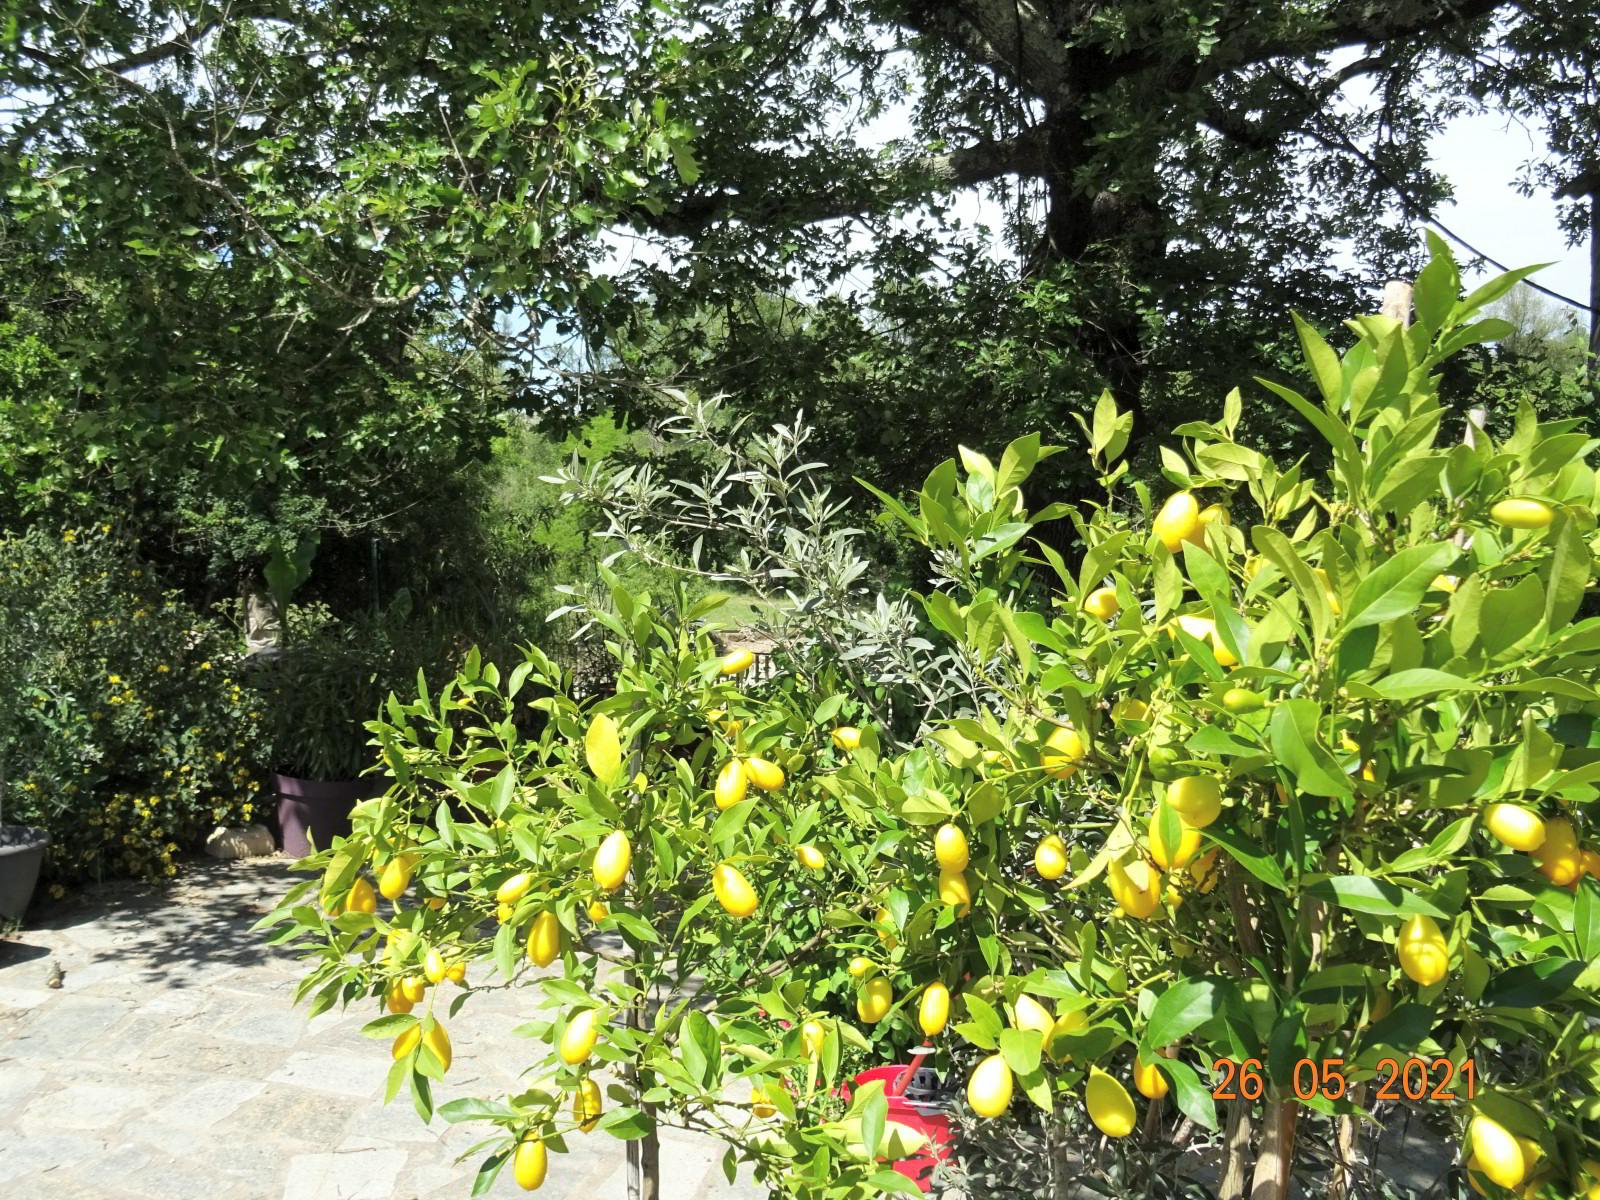 Exotische Vegetation